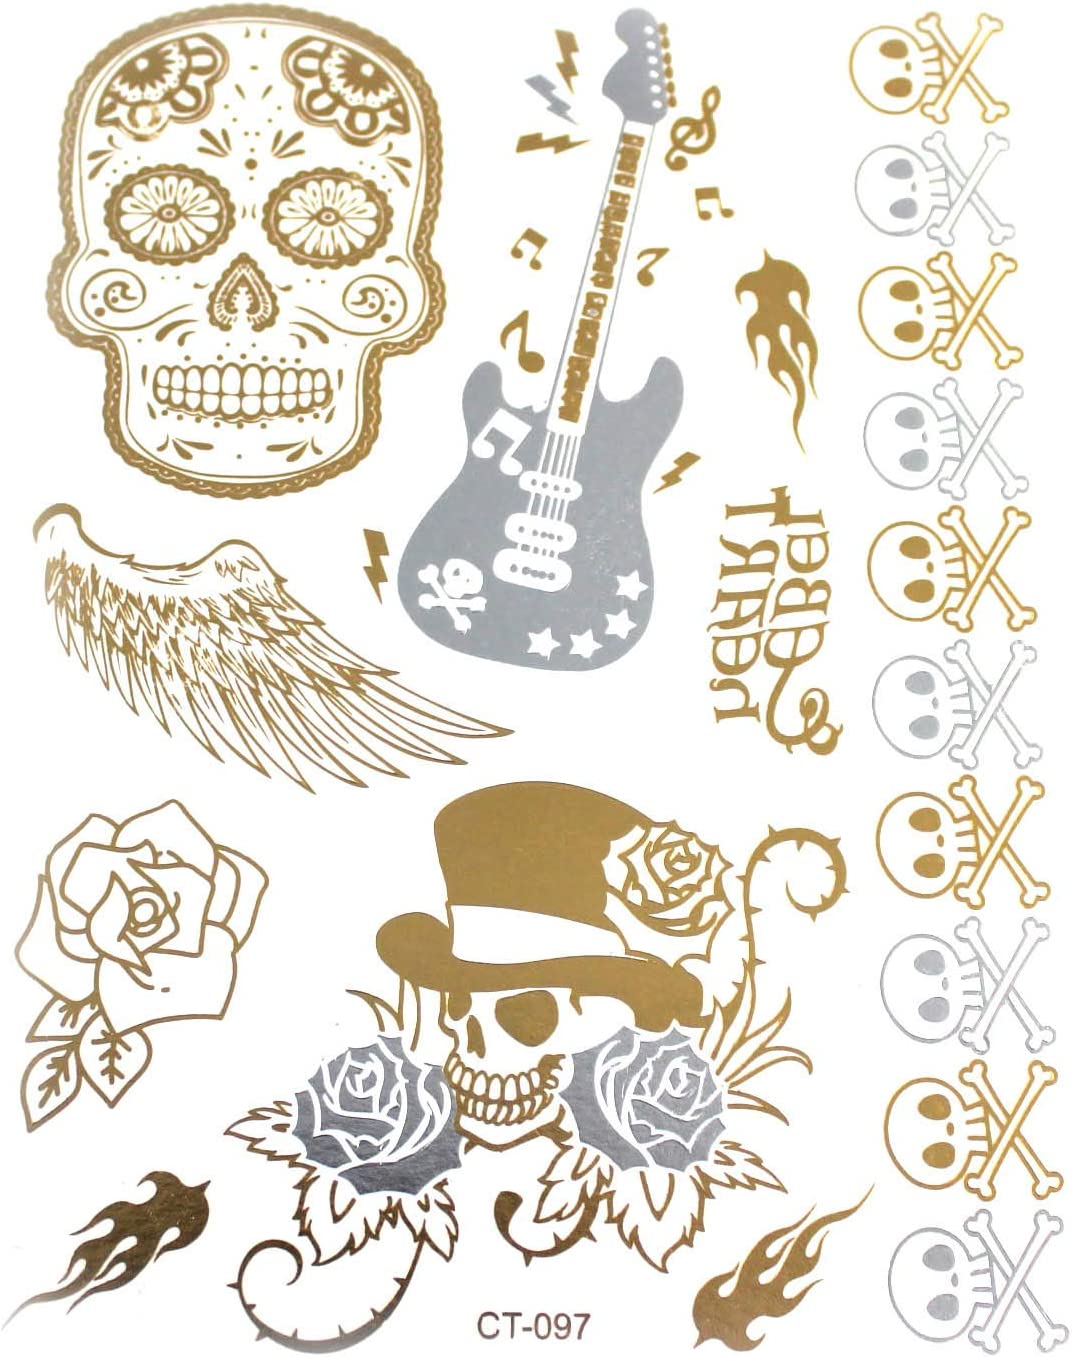 Metallic 01-00390 - Tatuajes para guitarra, alas y rosas, diseño ...